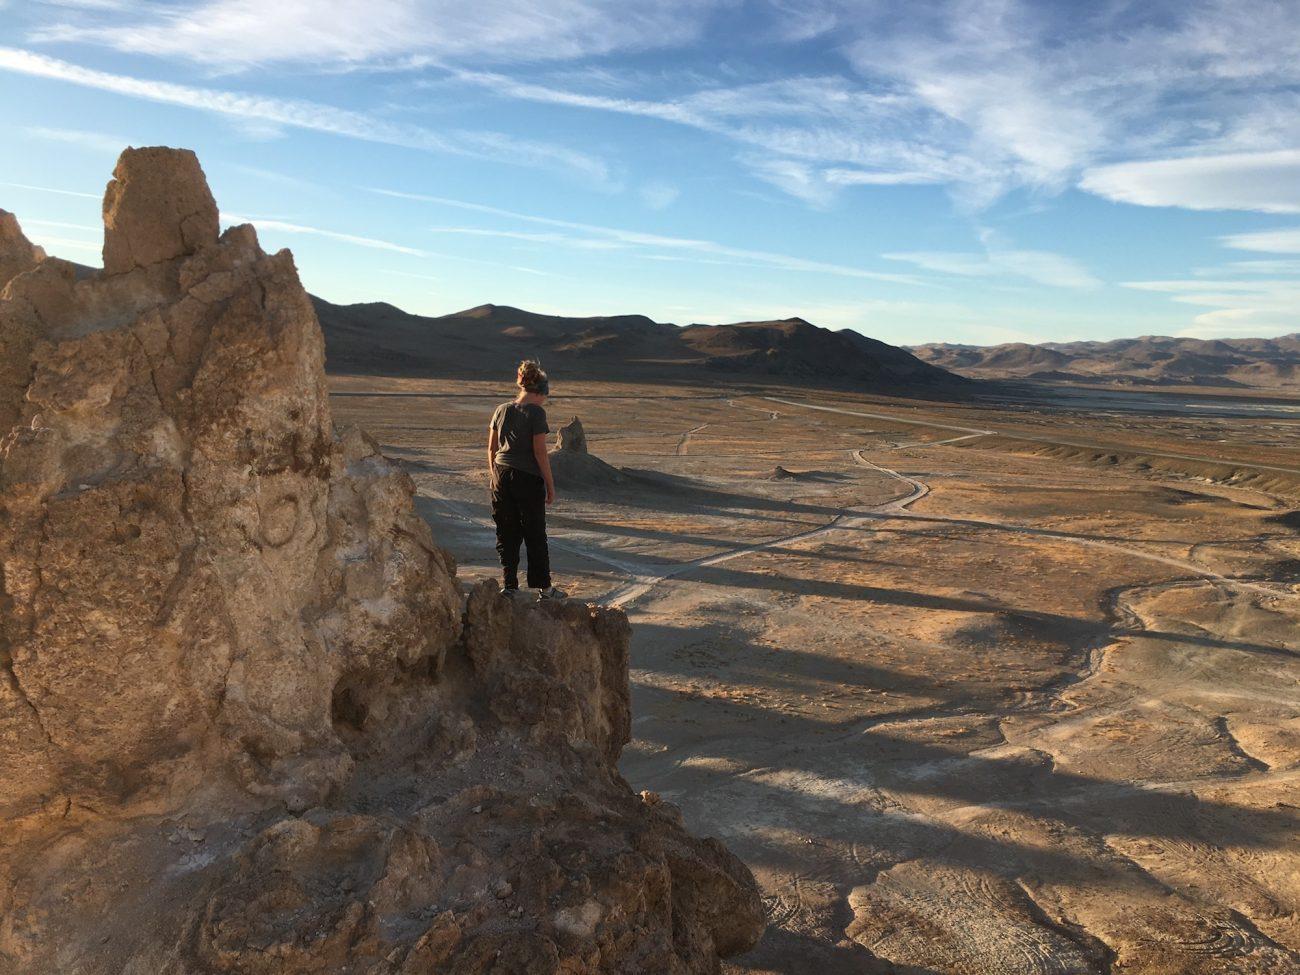 Girl on top of rock overlooking the desert